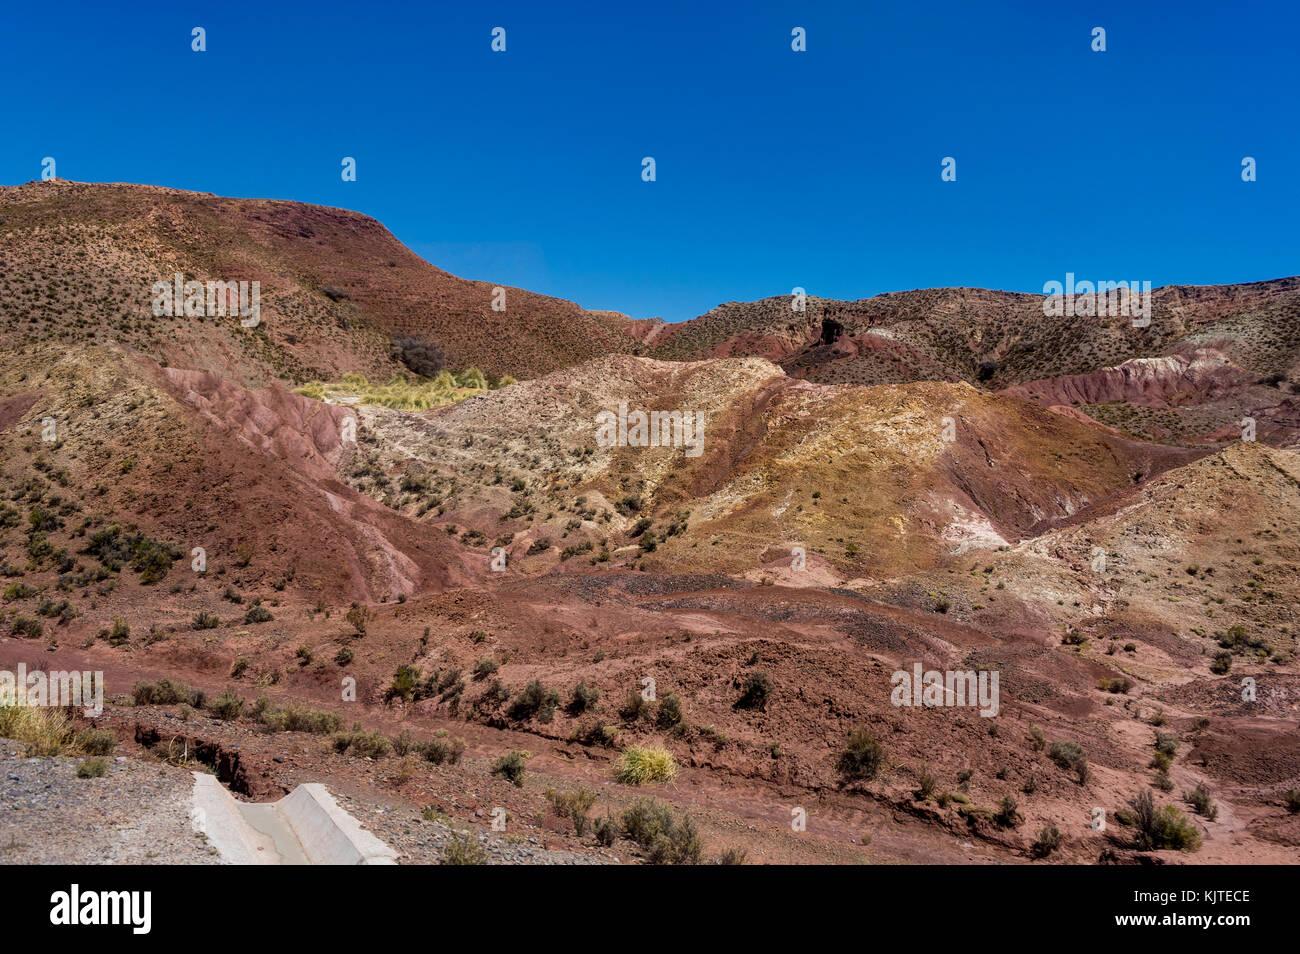 Foto scattata in agosto 2017 a Uyuni Bolivia, Sud America: il Deserto di Atacama nel Uyuni Bolivia Immagini Stock